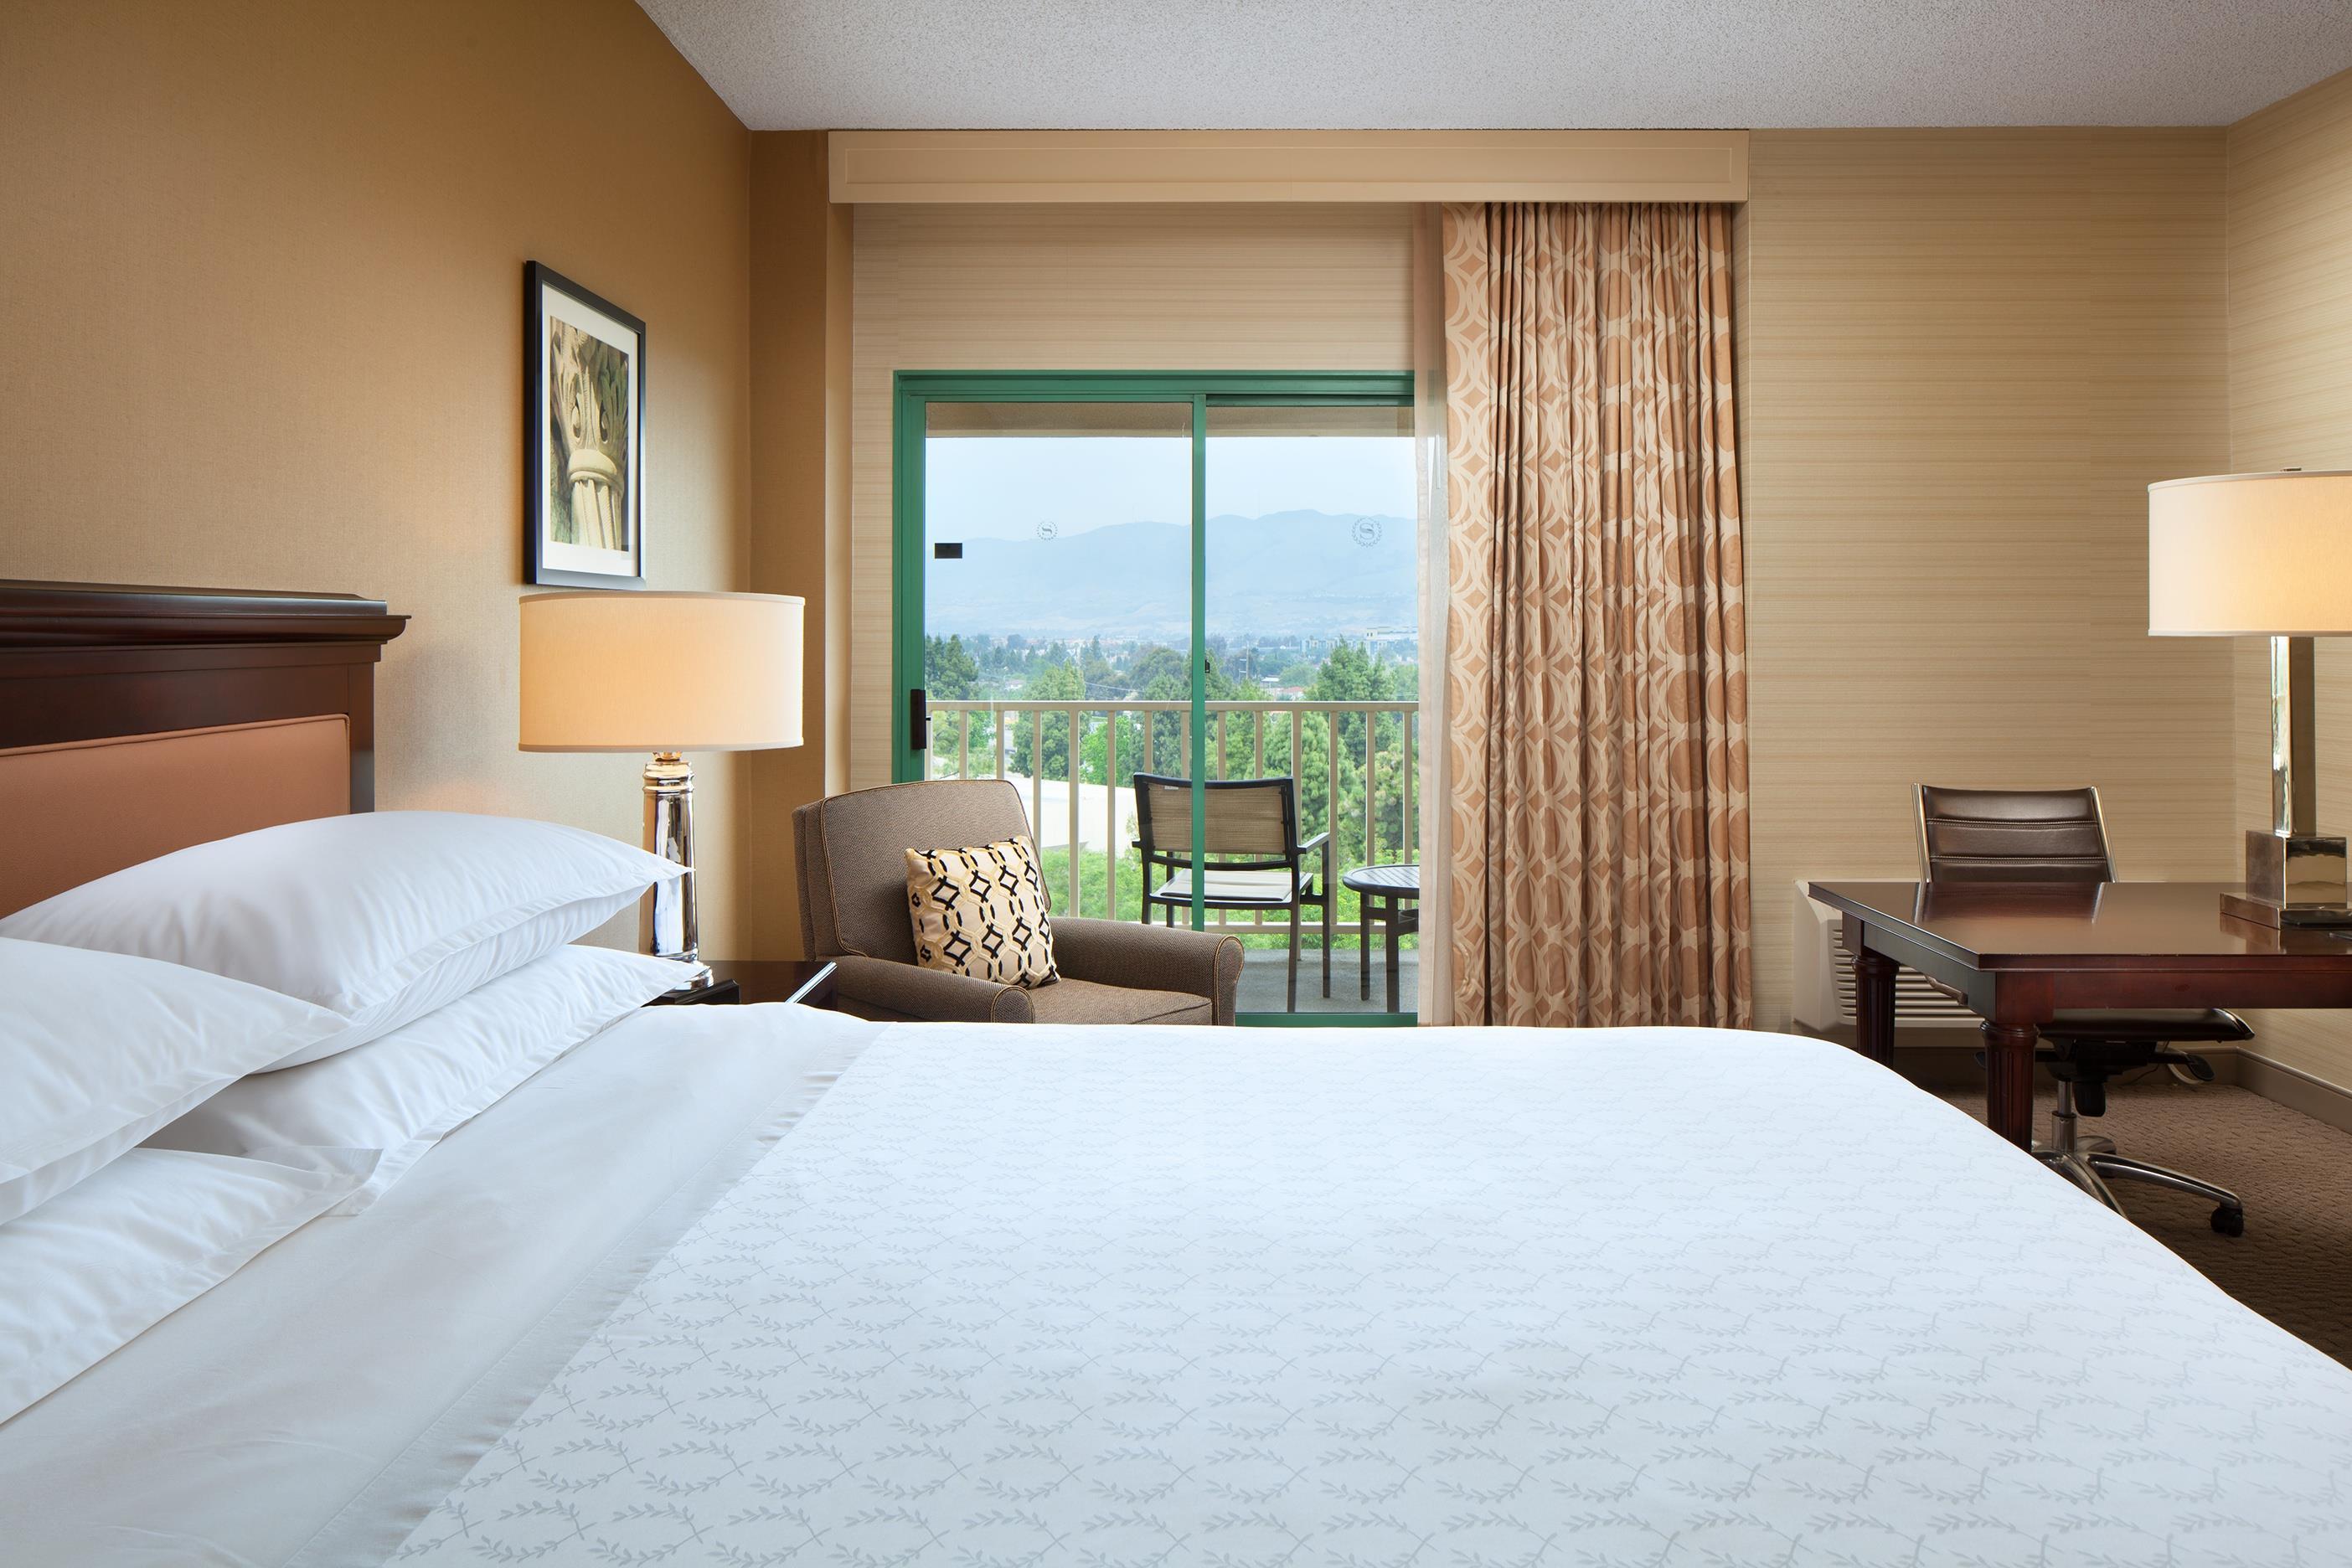 Sheraton San Jose Hotel image 24